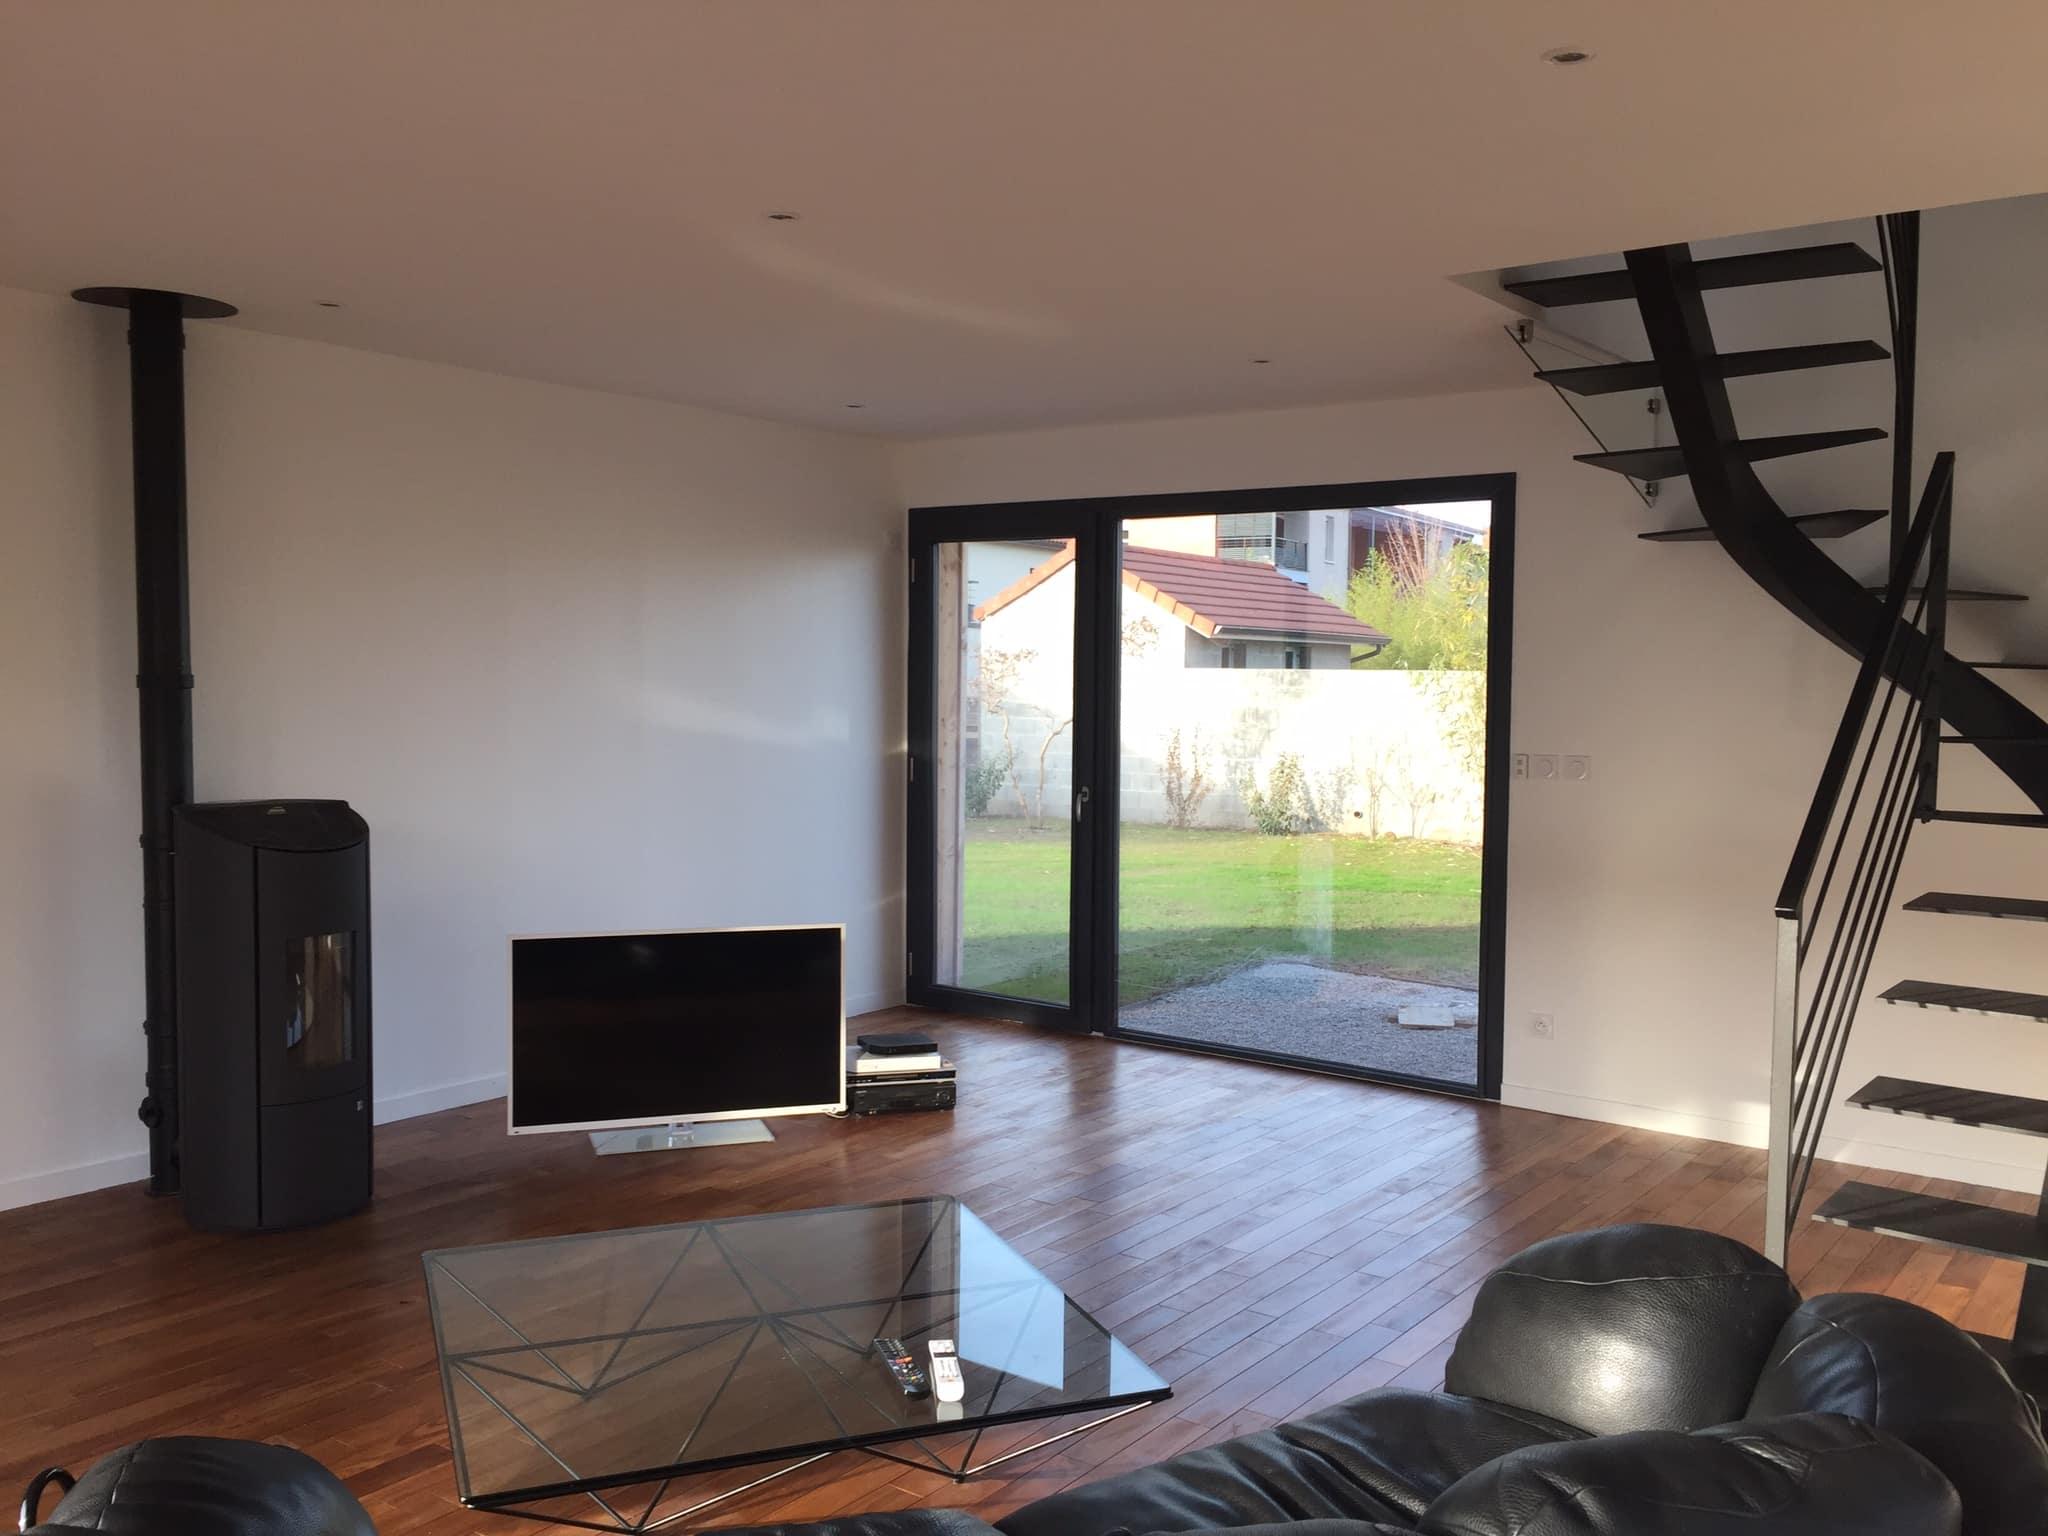 Isolation Confort - Fabricant de portes-fenêtres aluminium dans le Rhône